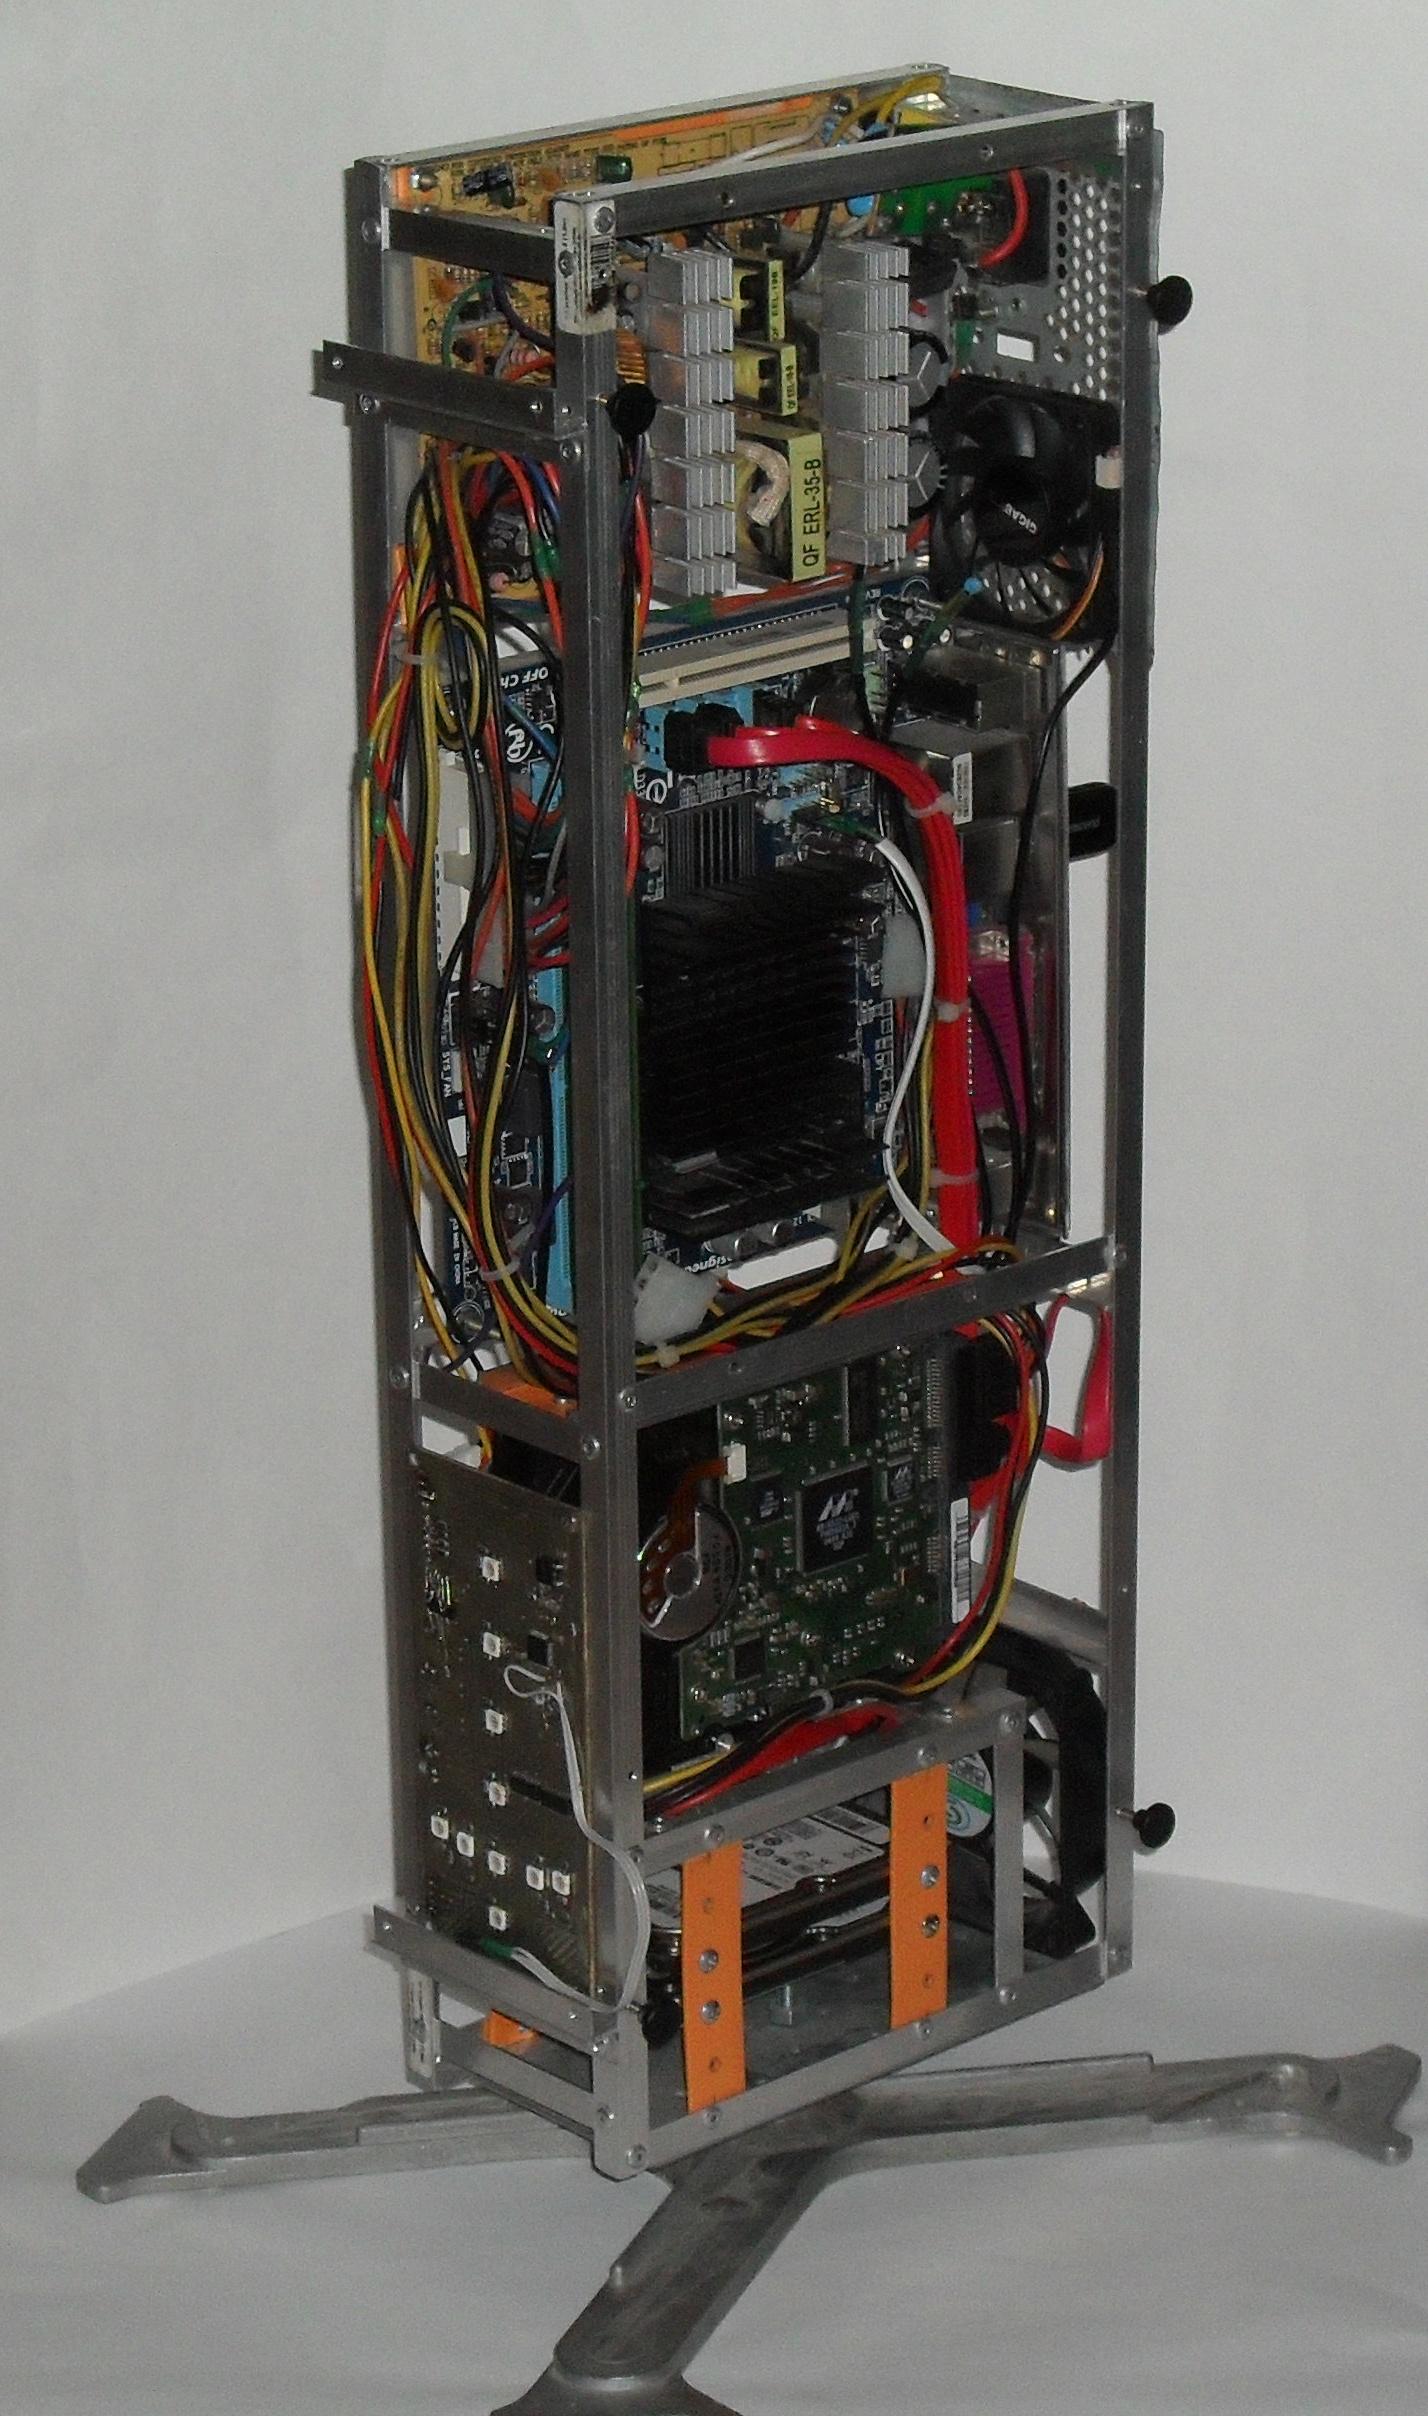 Еще один сервер из подручных средств с претензией на красоту - 27